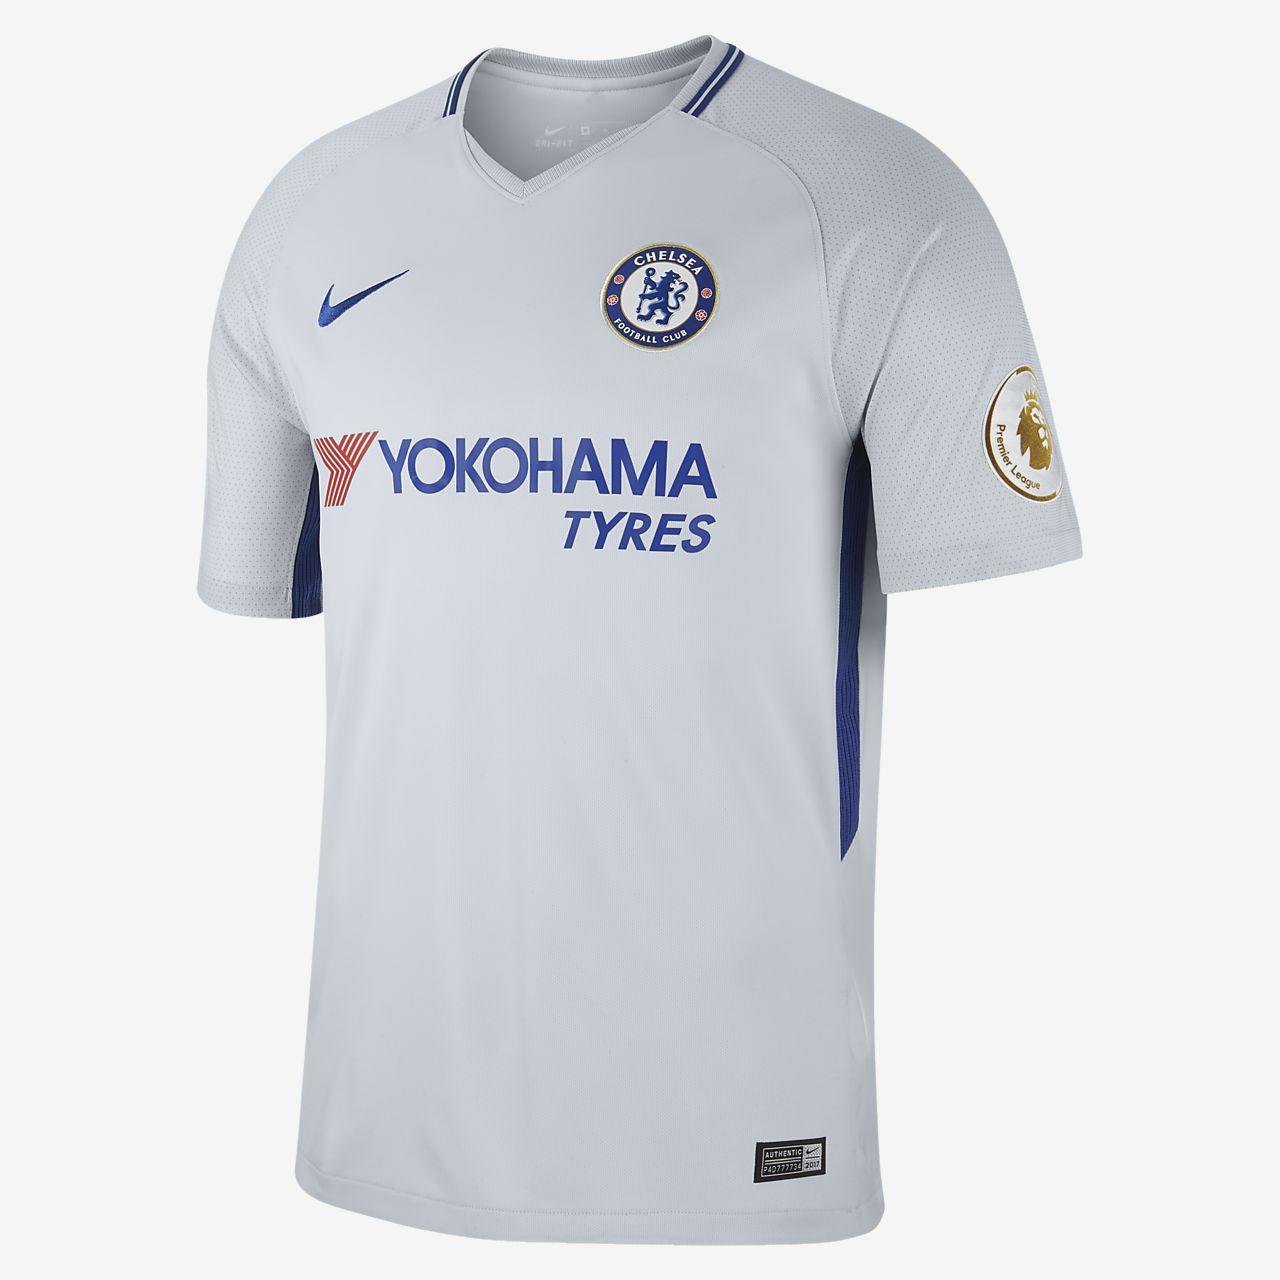 ... Camiseta de fútbol para hombre Chelsea FC (David Luiz) de visitante  para aficionados cd6fa0becd99f